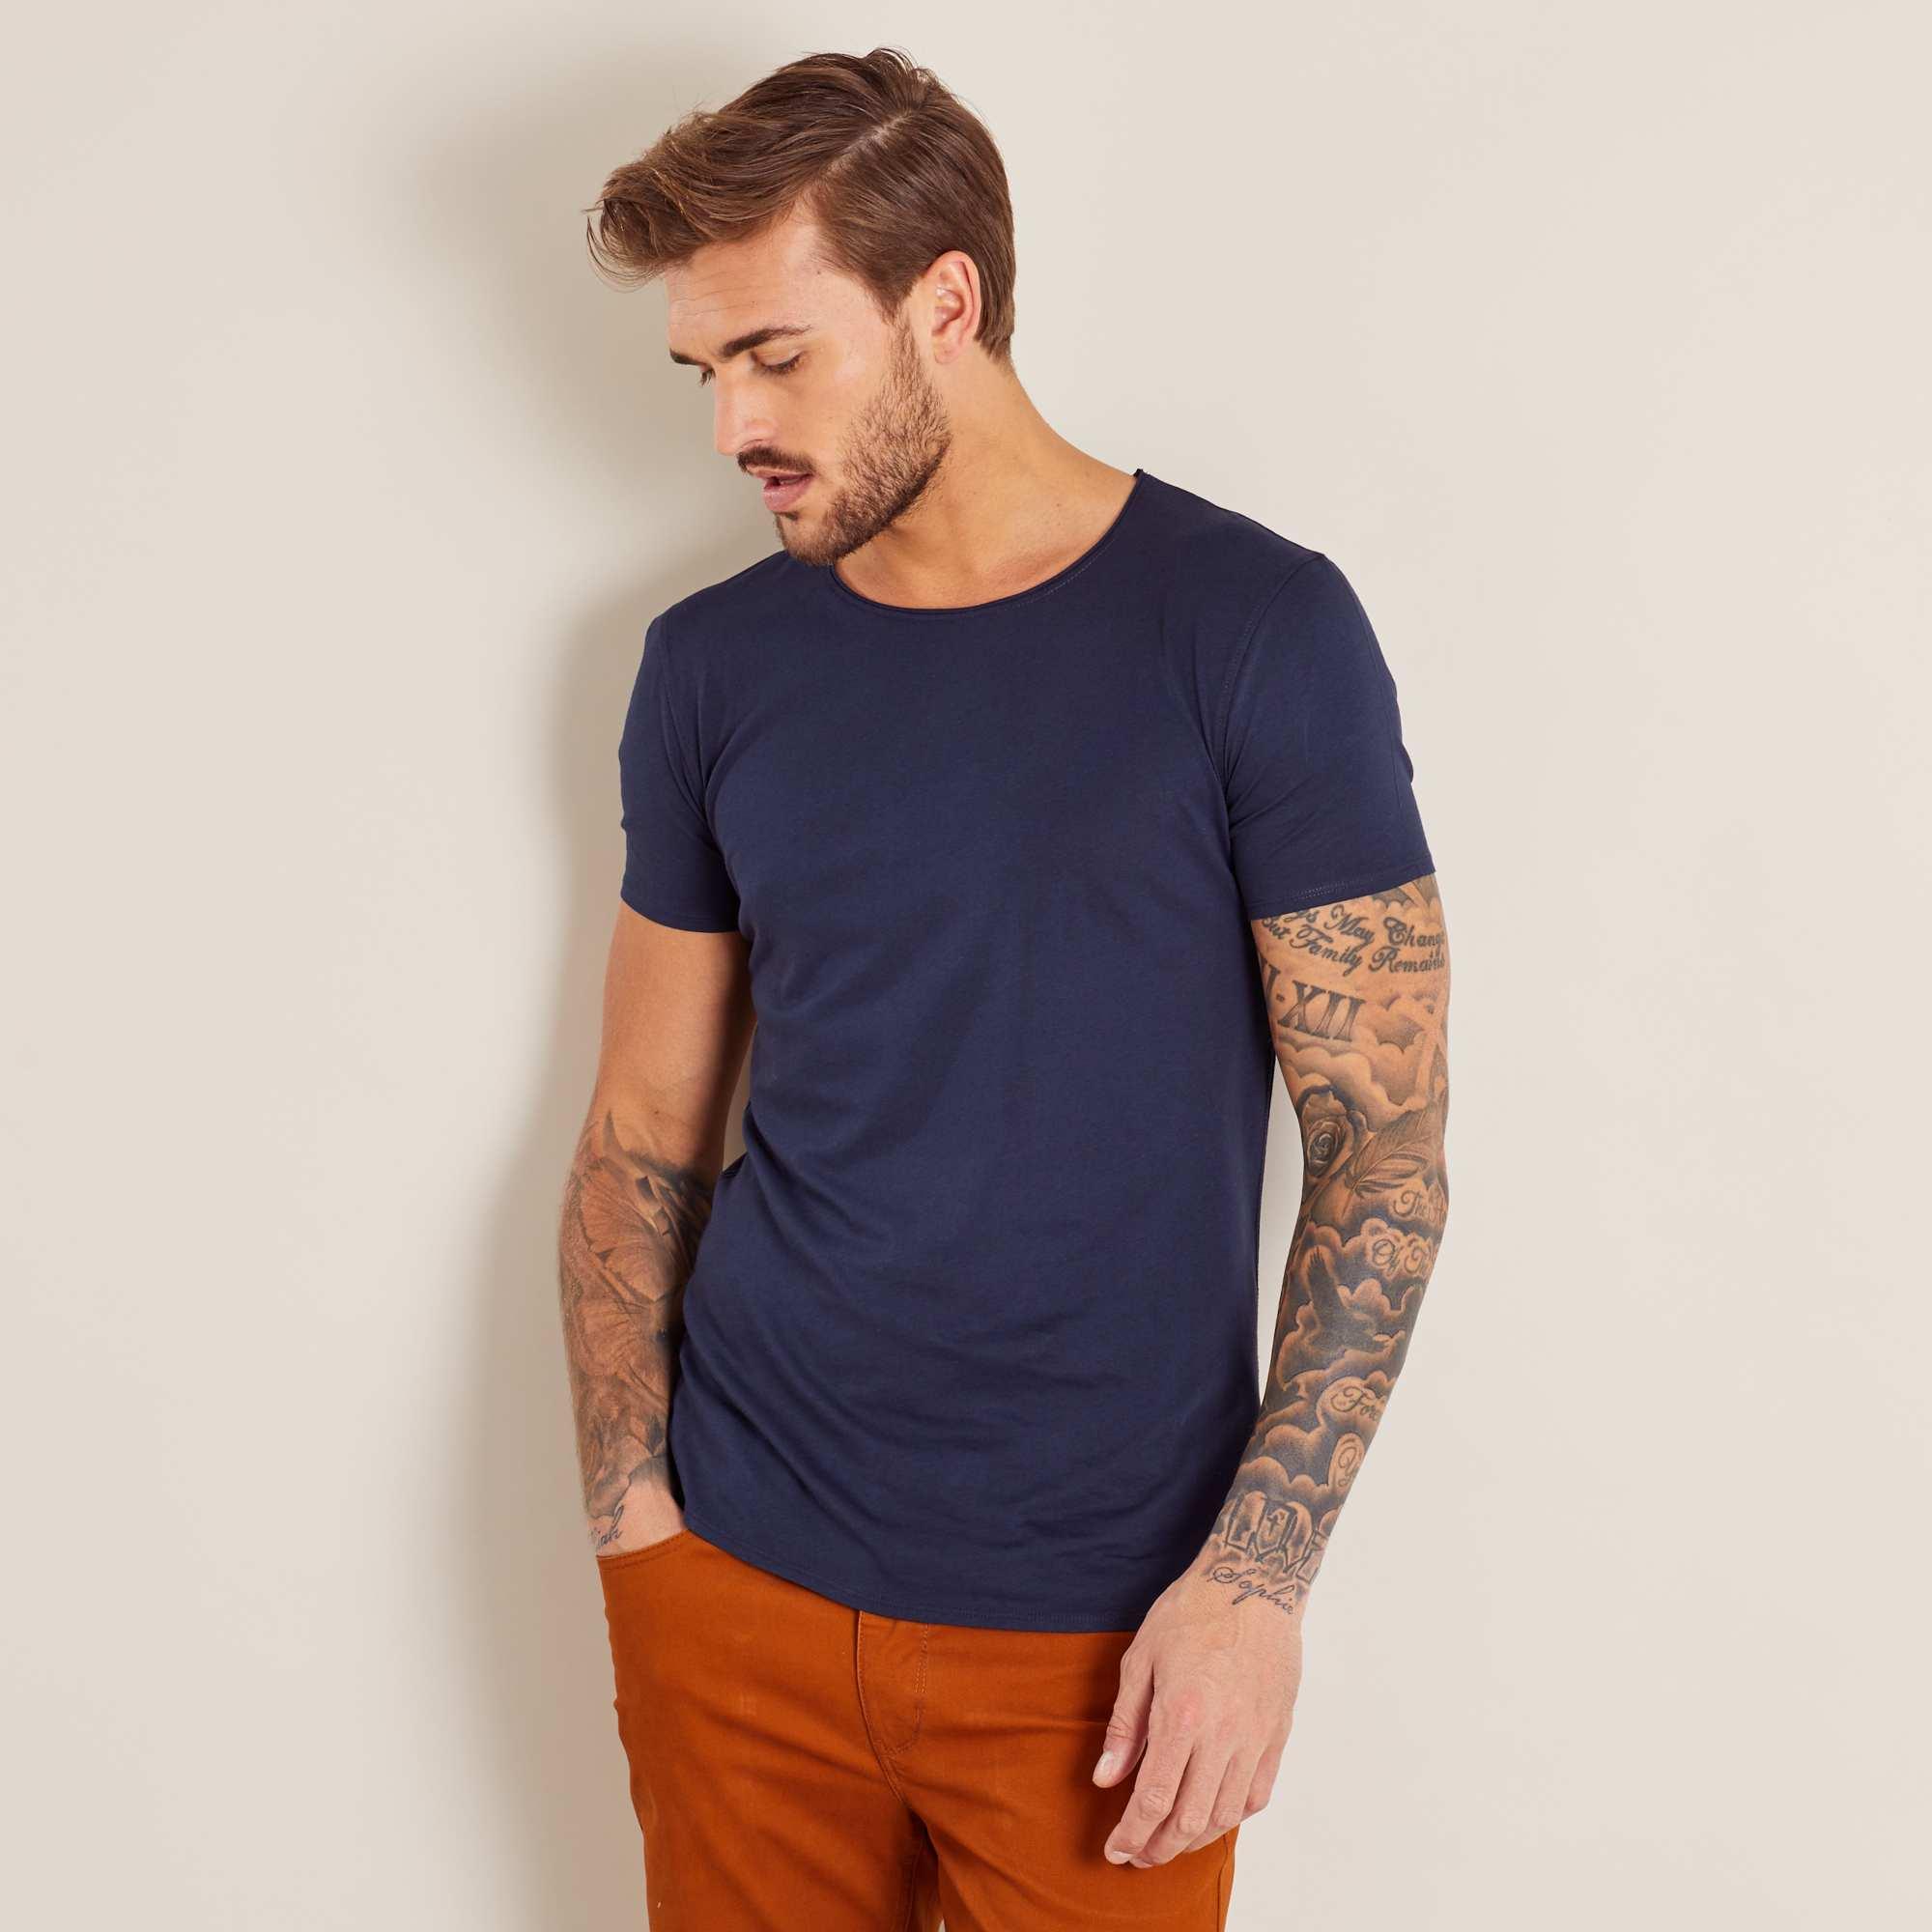 Couleur : bleu marine, fraise écrasée, orange rouille,bleu, - Taille : XL, S, XXL,M,LUn basique indispensable et facile à coordonner à vos tenues. On craque pour son petit